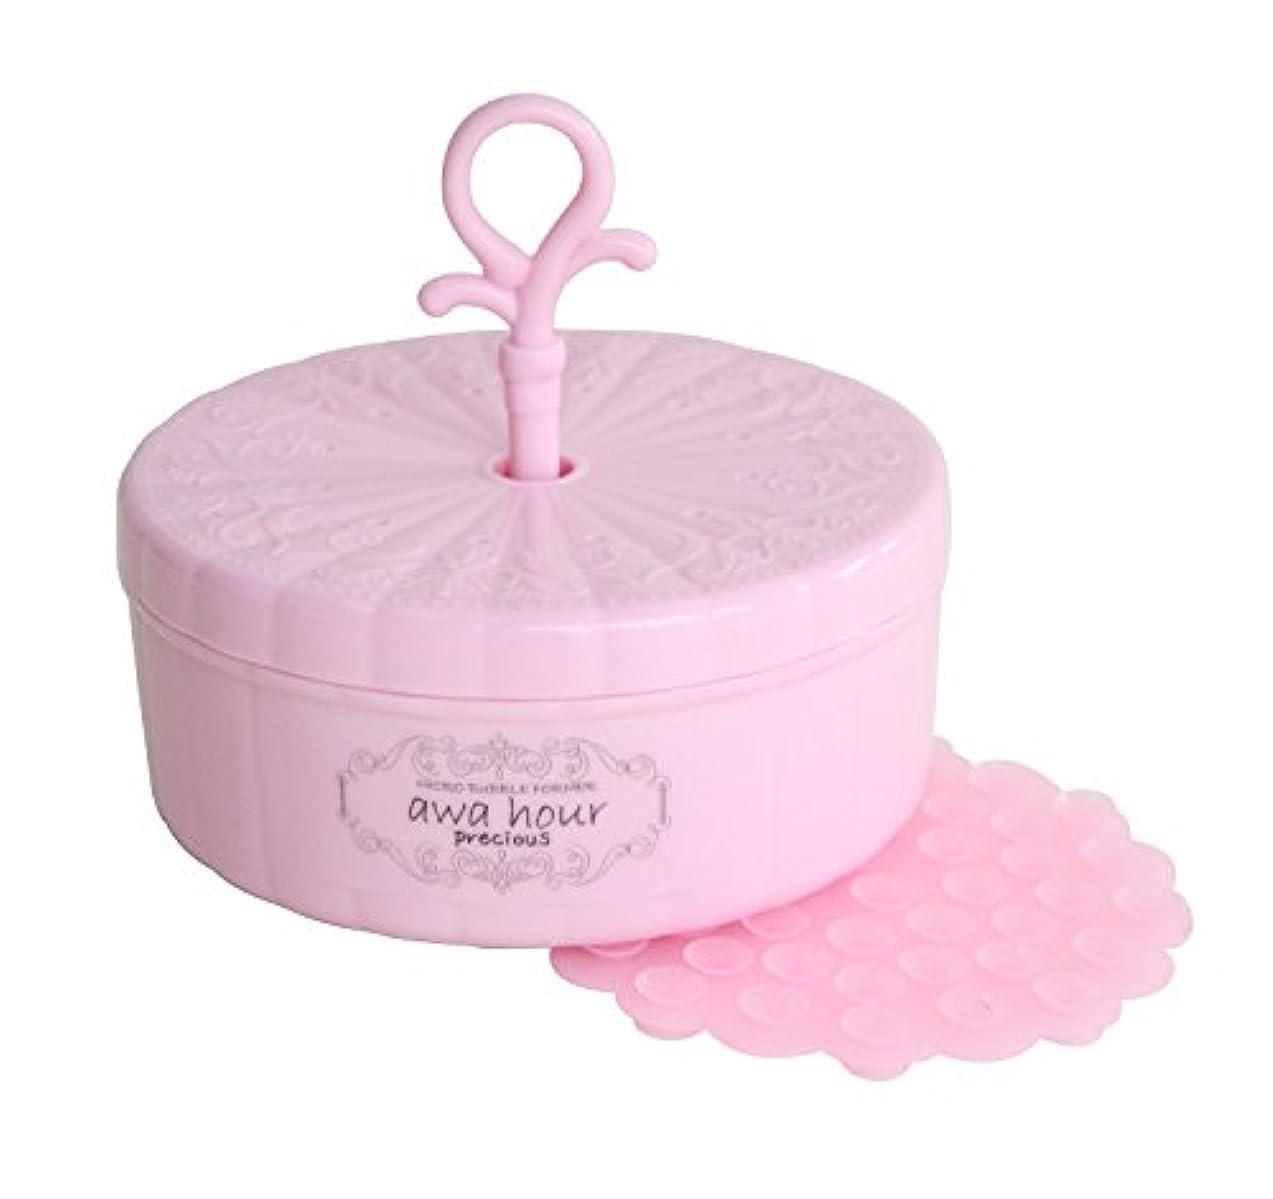 スーパーマーケットのみ酸っぱい富士 awahourあわわpreciousプレシャス ピンク 1個